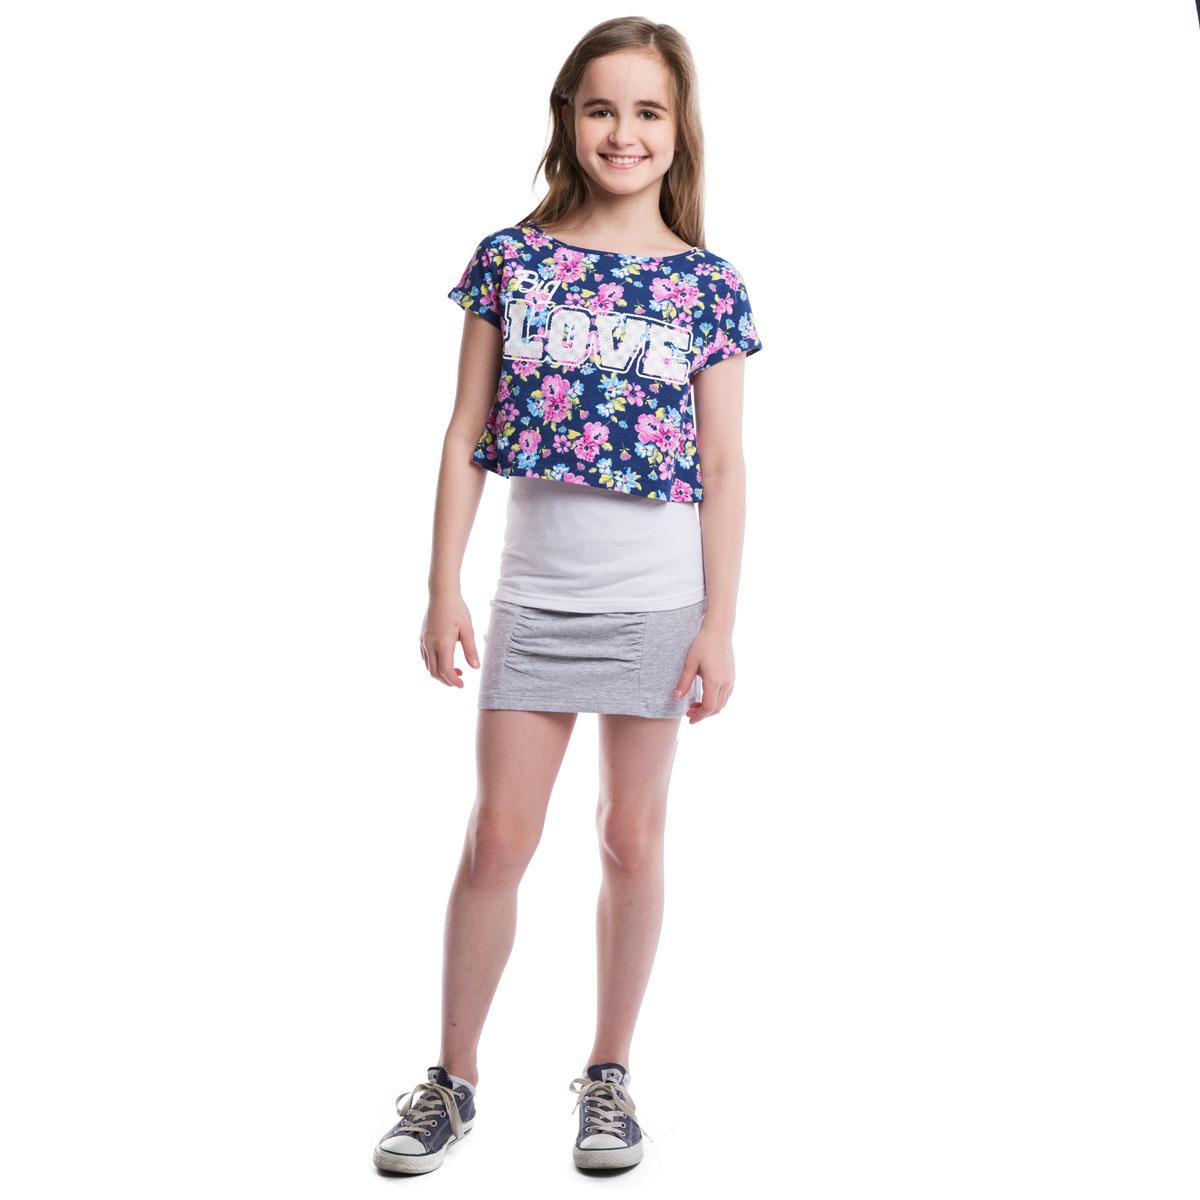 Комплект одежды264016Стильный комплект для девочки, состоящий из майки и топа, выполнен из эластичного хлопка. Майка - базовая, белого цвета, бретели регулируются по длине. Топ украшен нежным цветочным принтом и надписью. Цельнокройный рукав обеспечивает дополнительное удобство.